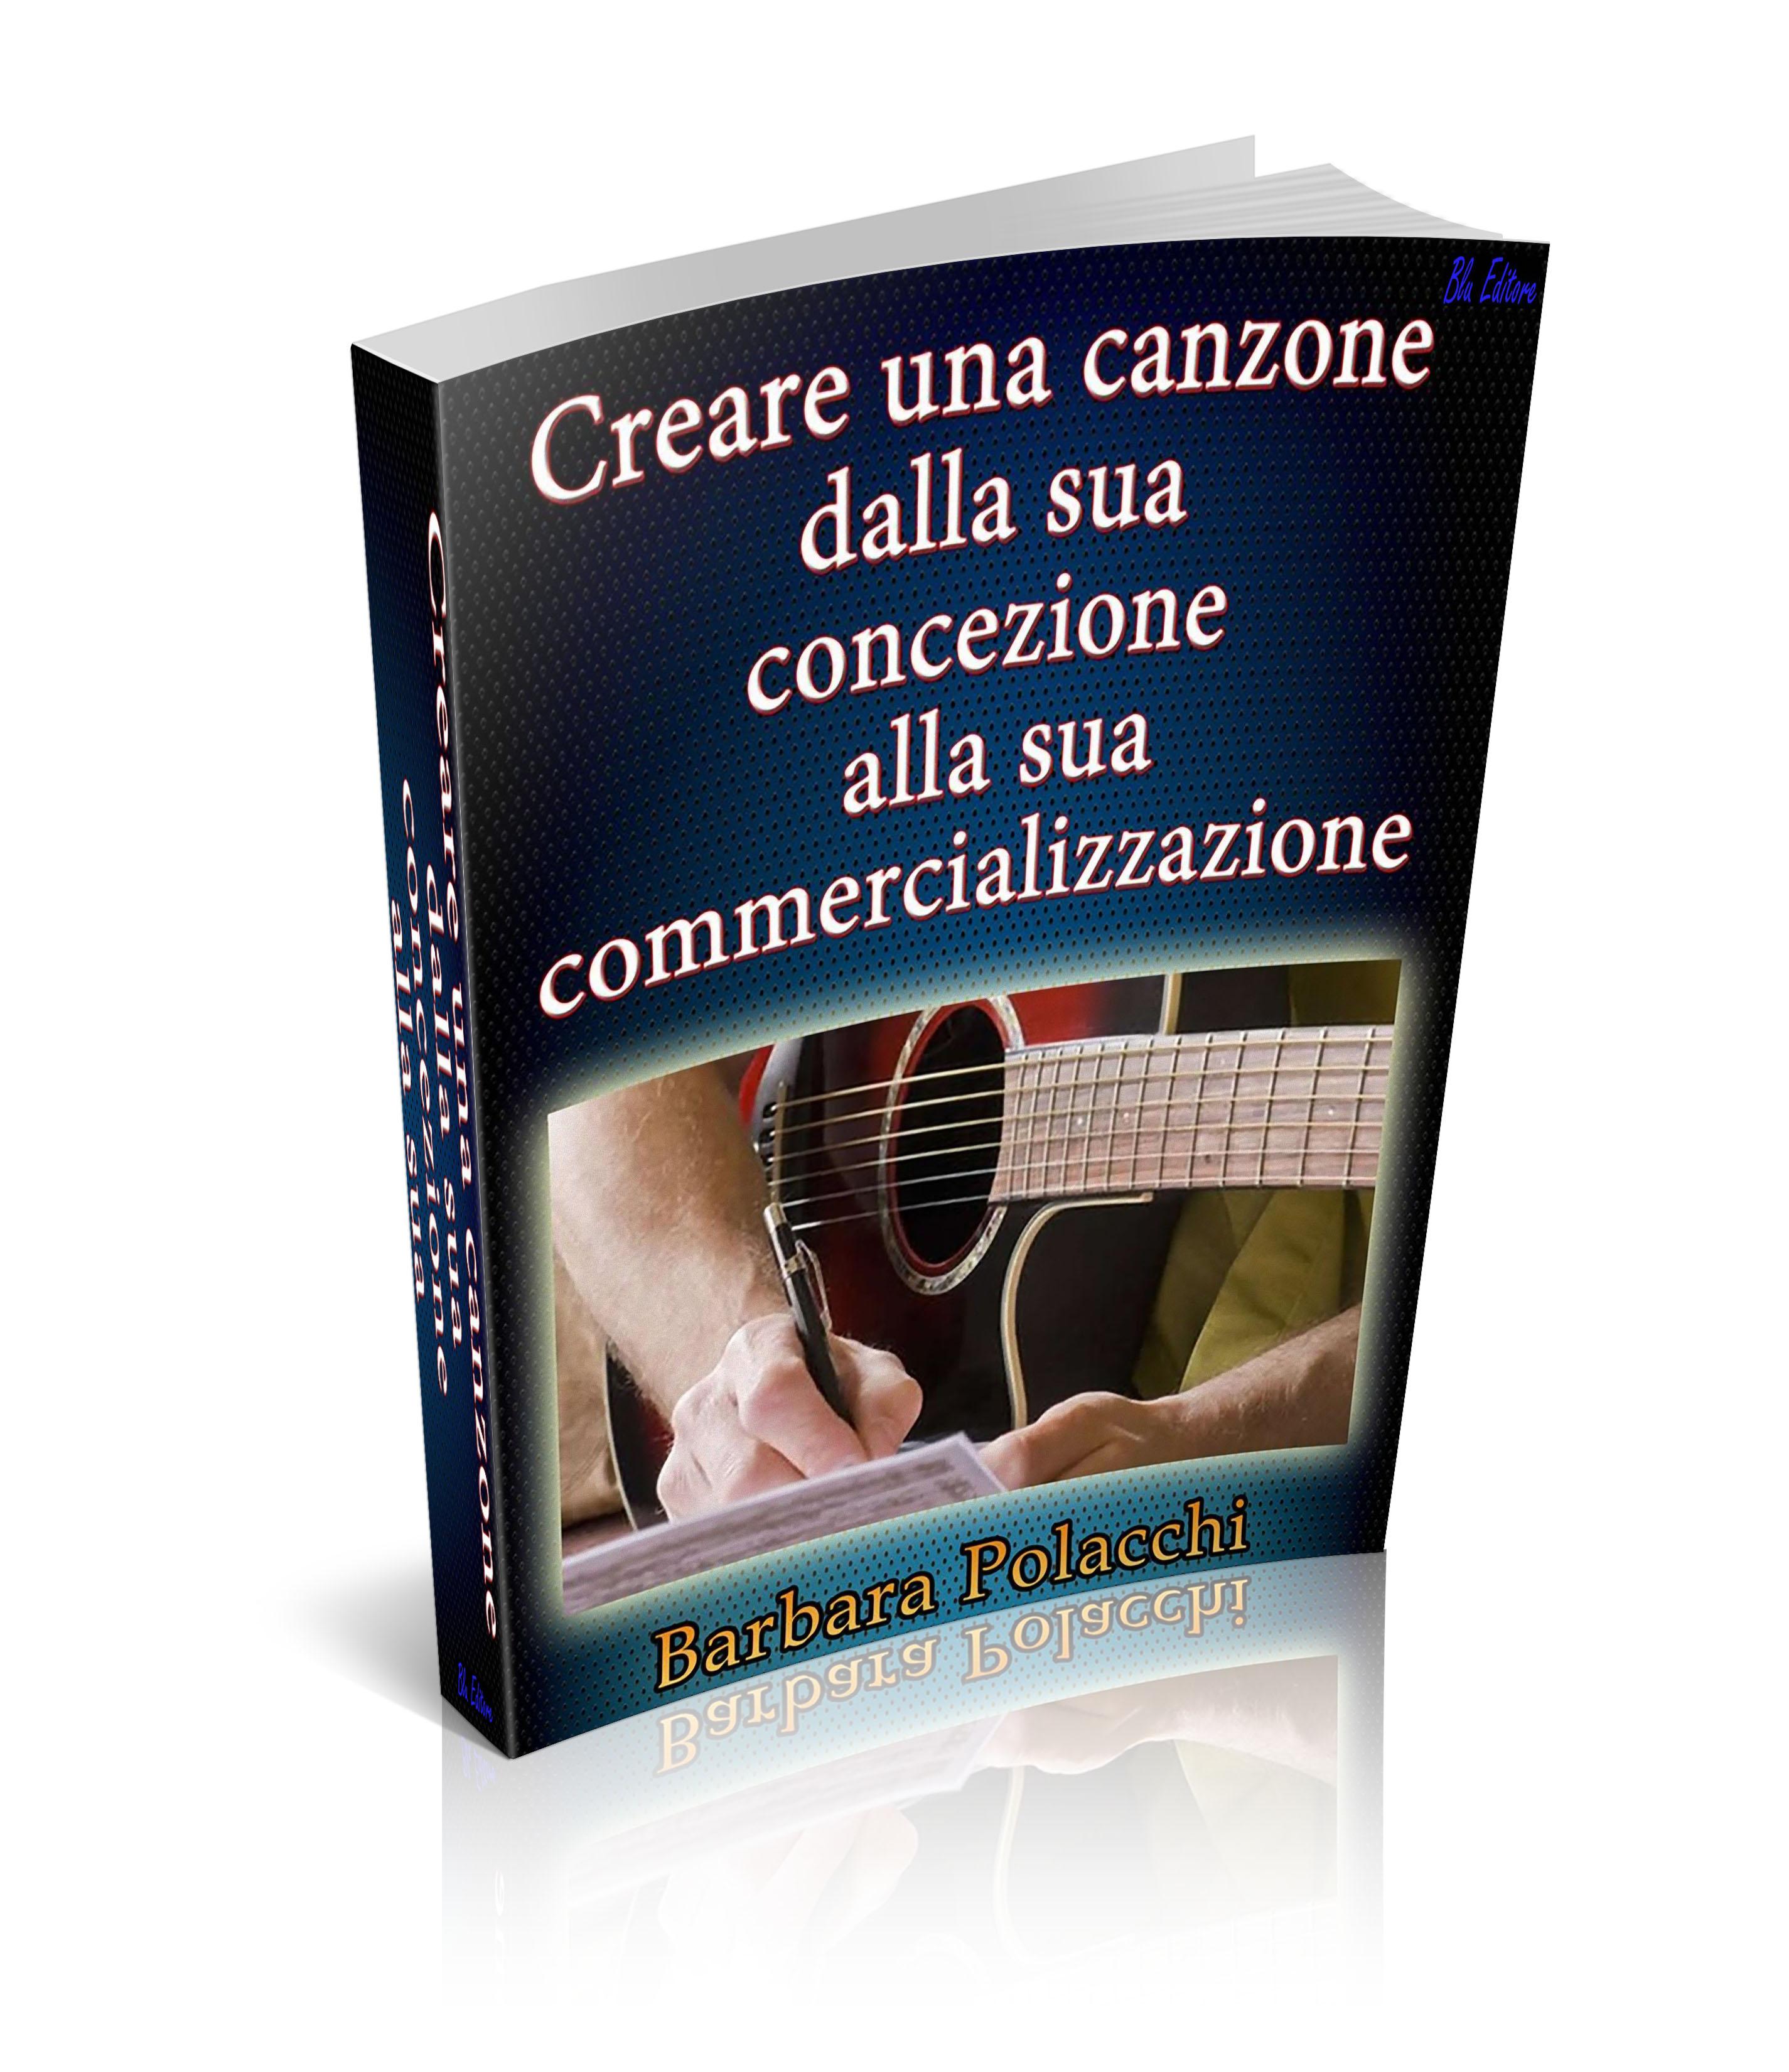 Creare una Canzone dalla sua concezione alla sua commercializzazione